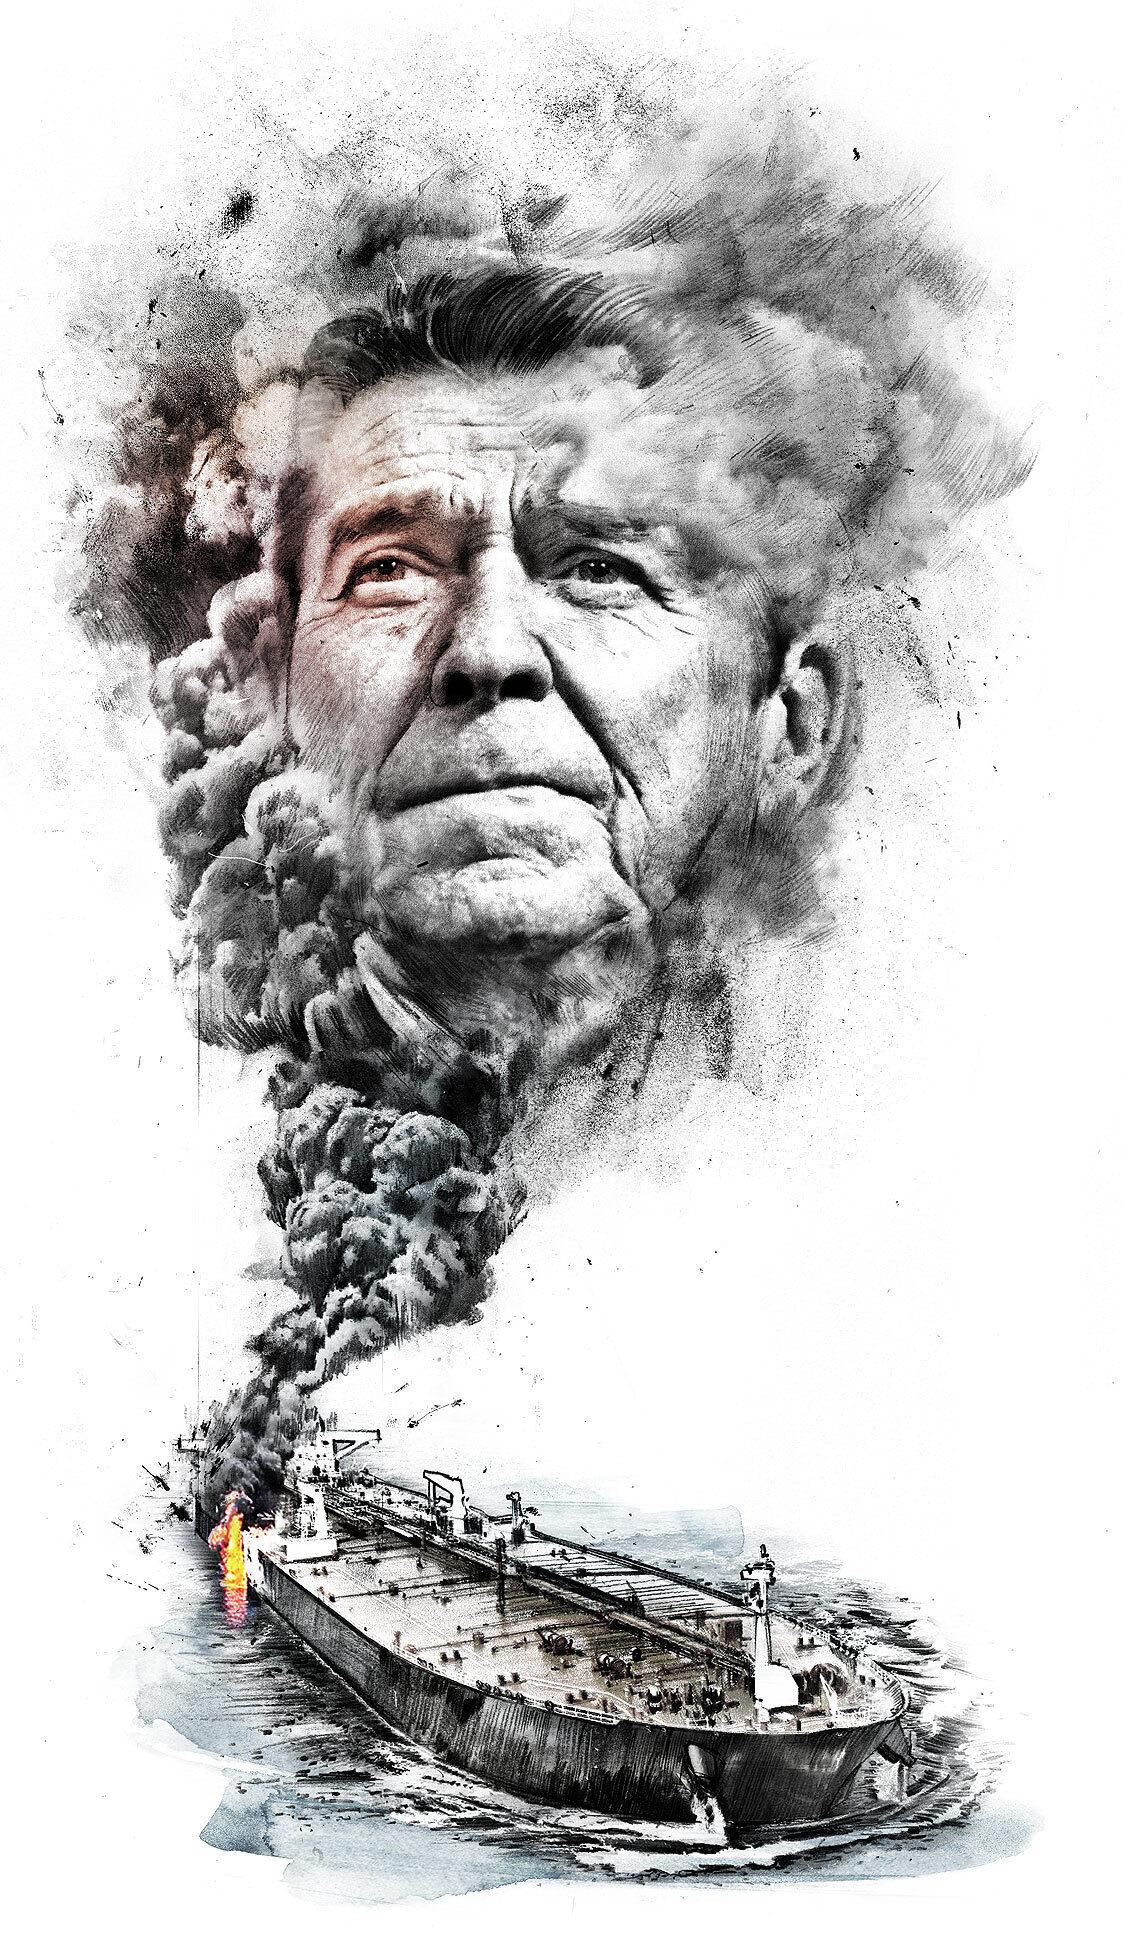 Oil tanker ronald reagen illustration - Kornel Illustration | Kornel Stadler portfolio